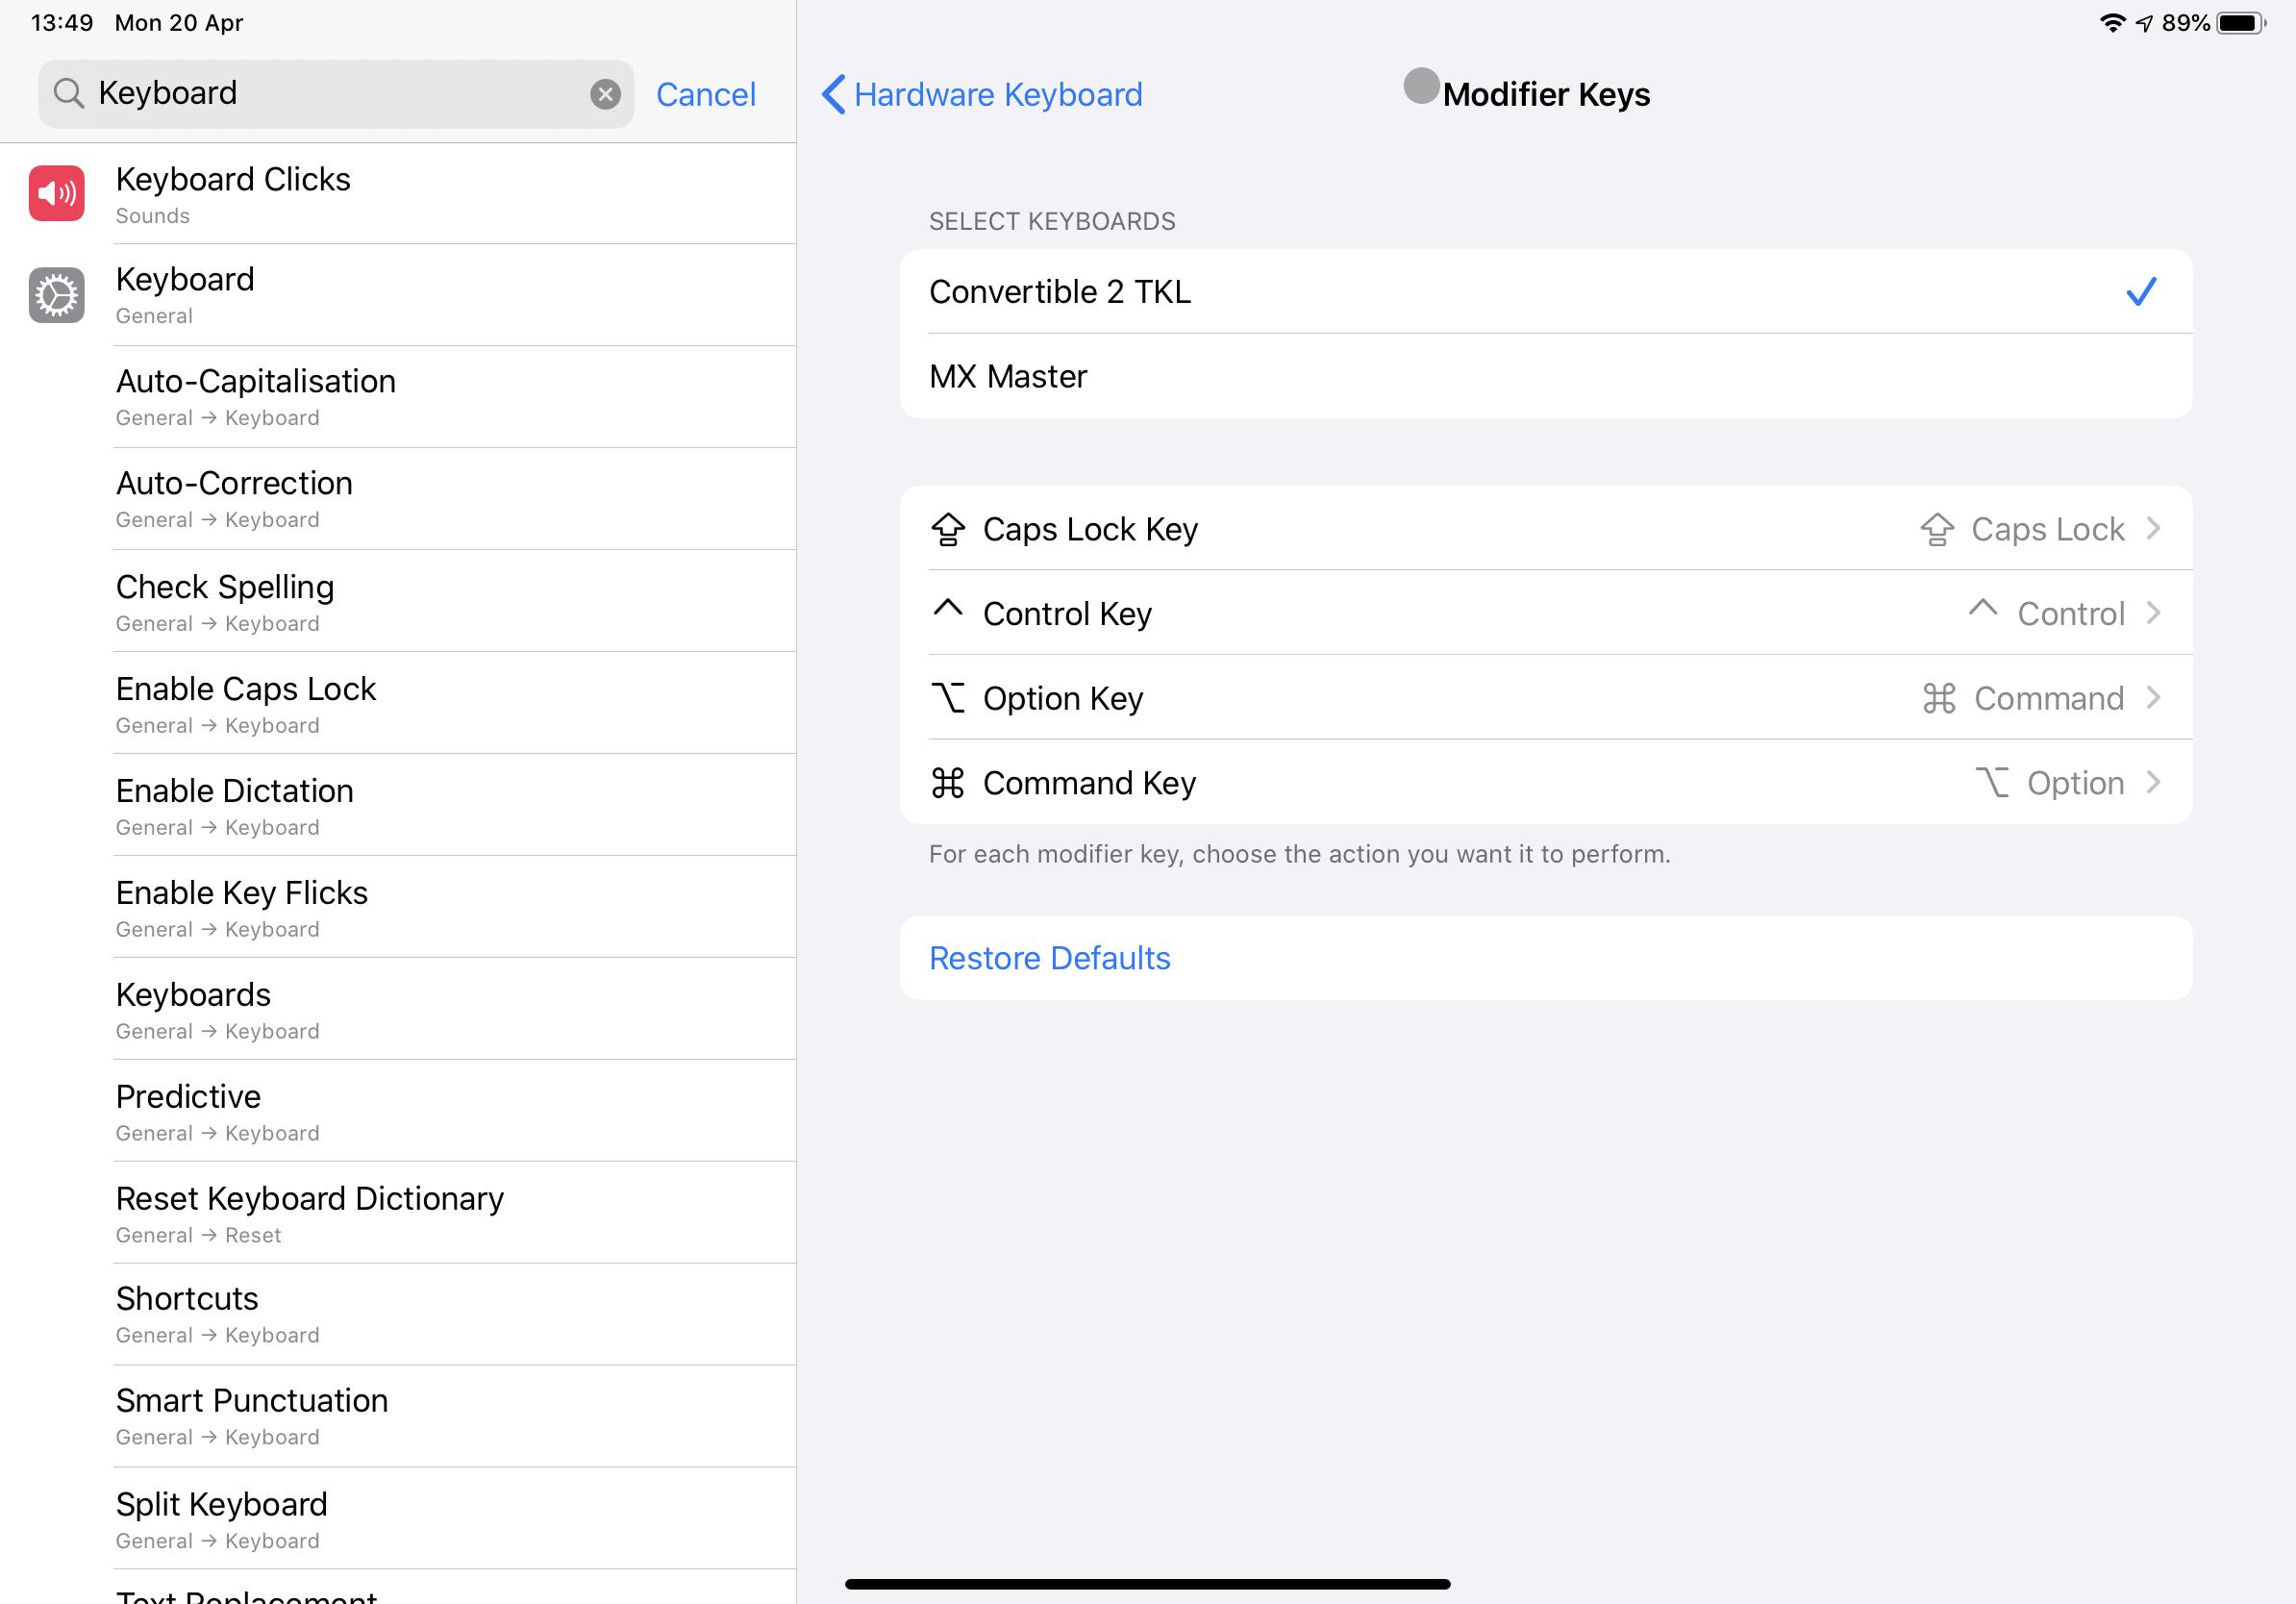 iPad OS keyboard settings